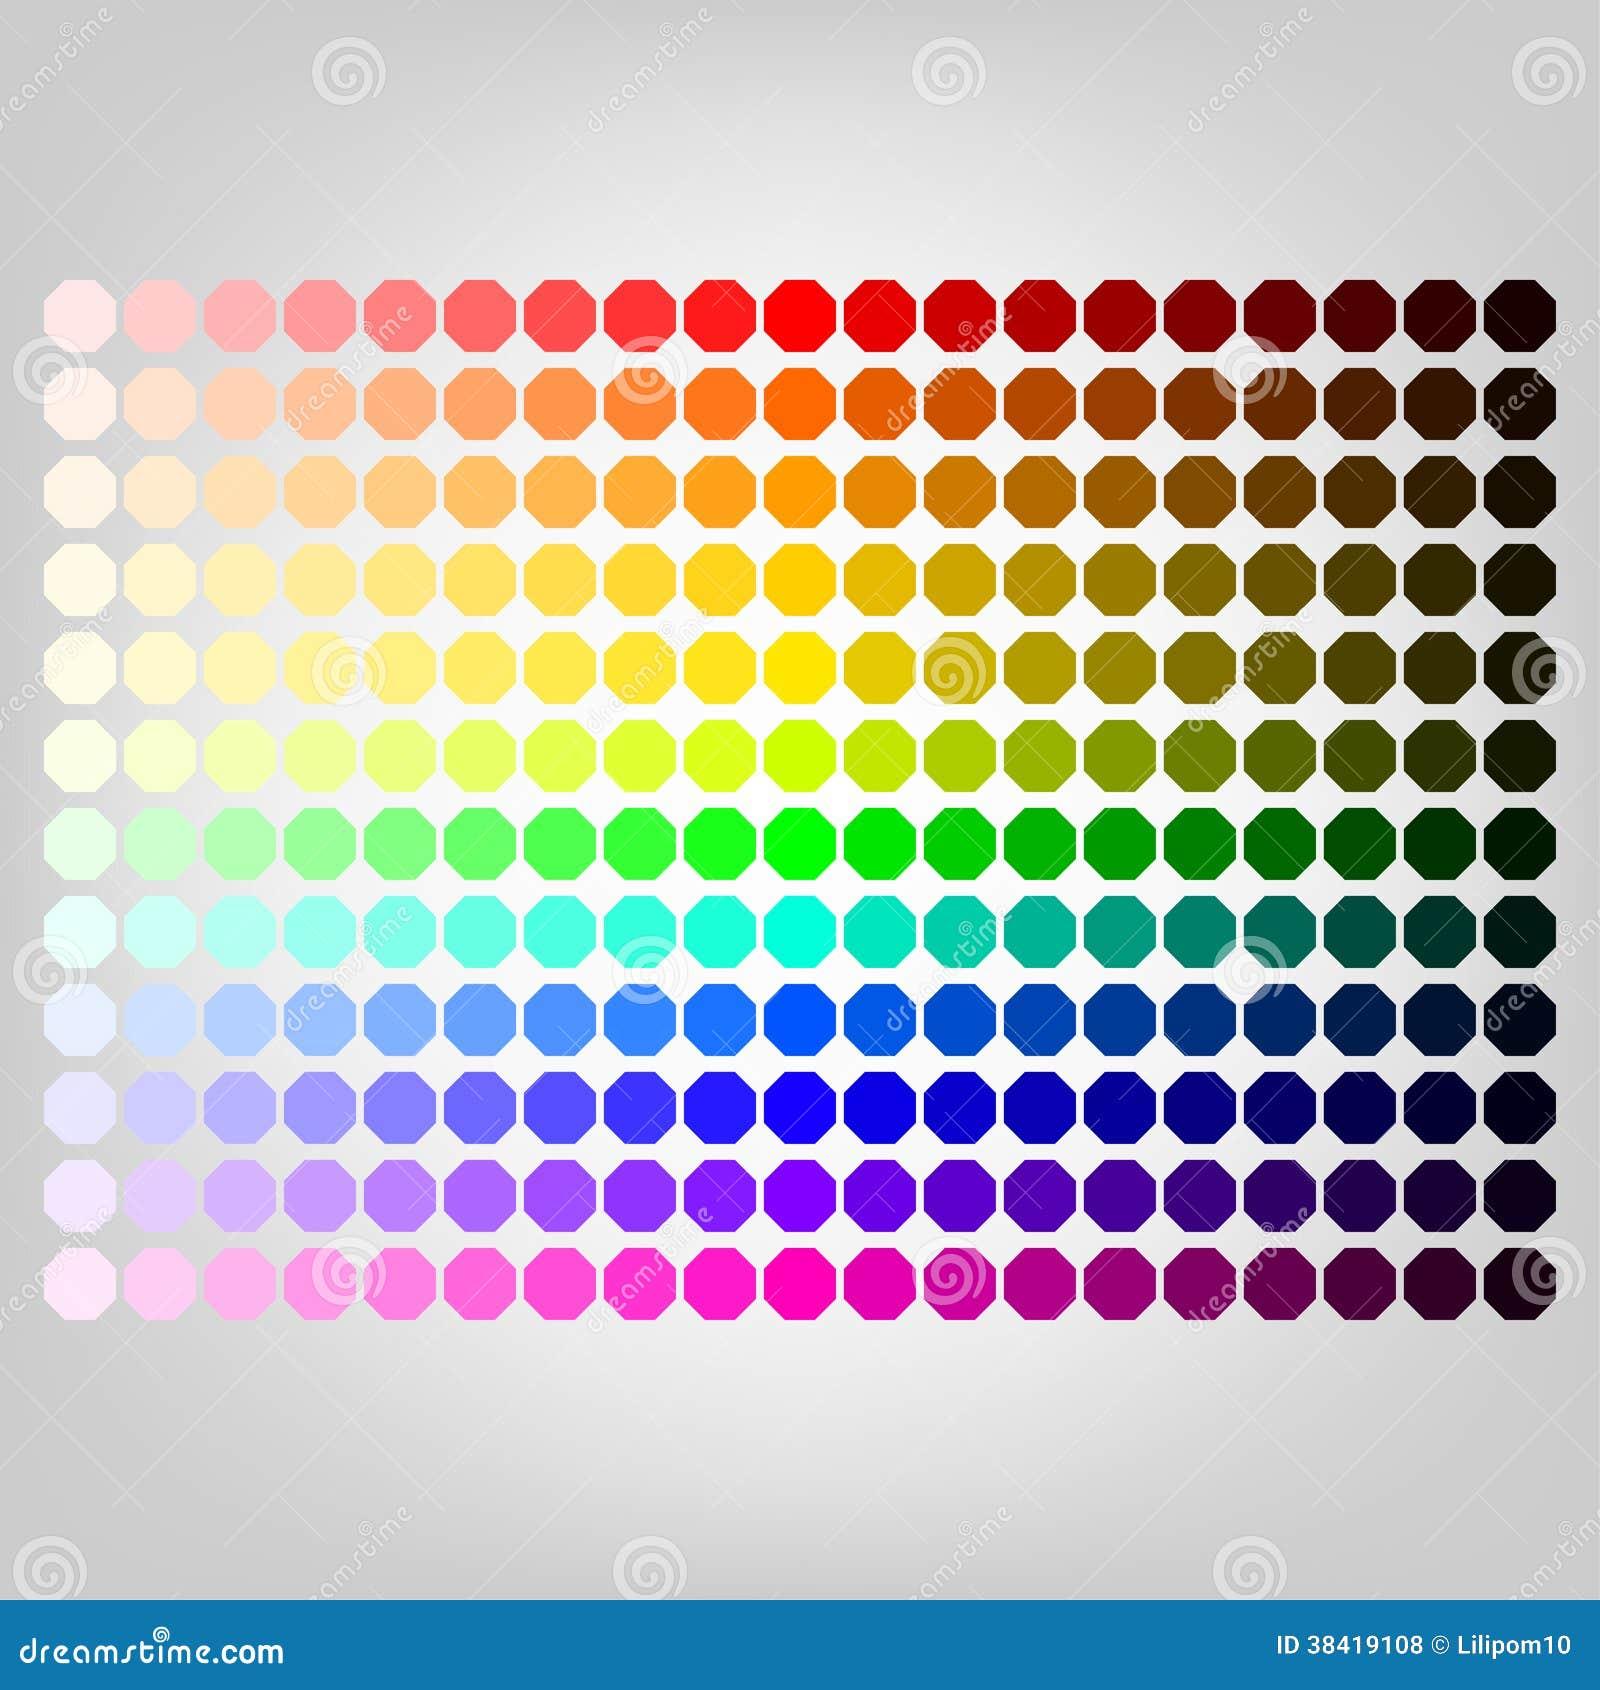 Farbpalette Mit Schatten Von Farben Vektor Abbildung Illustration